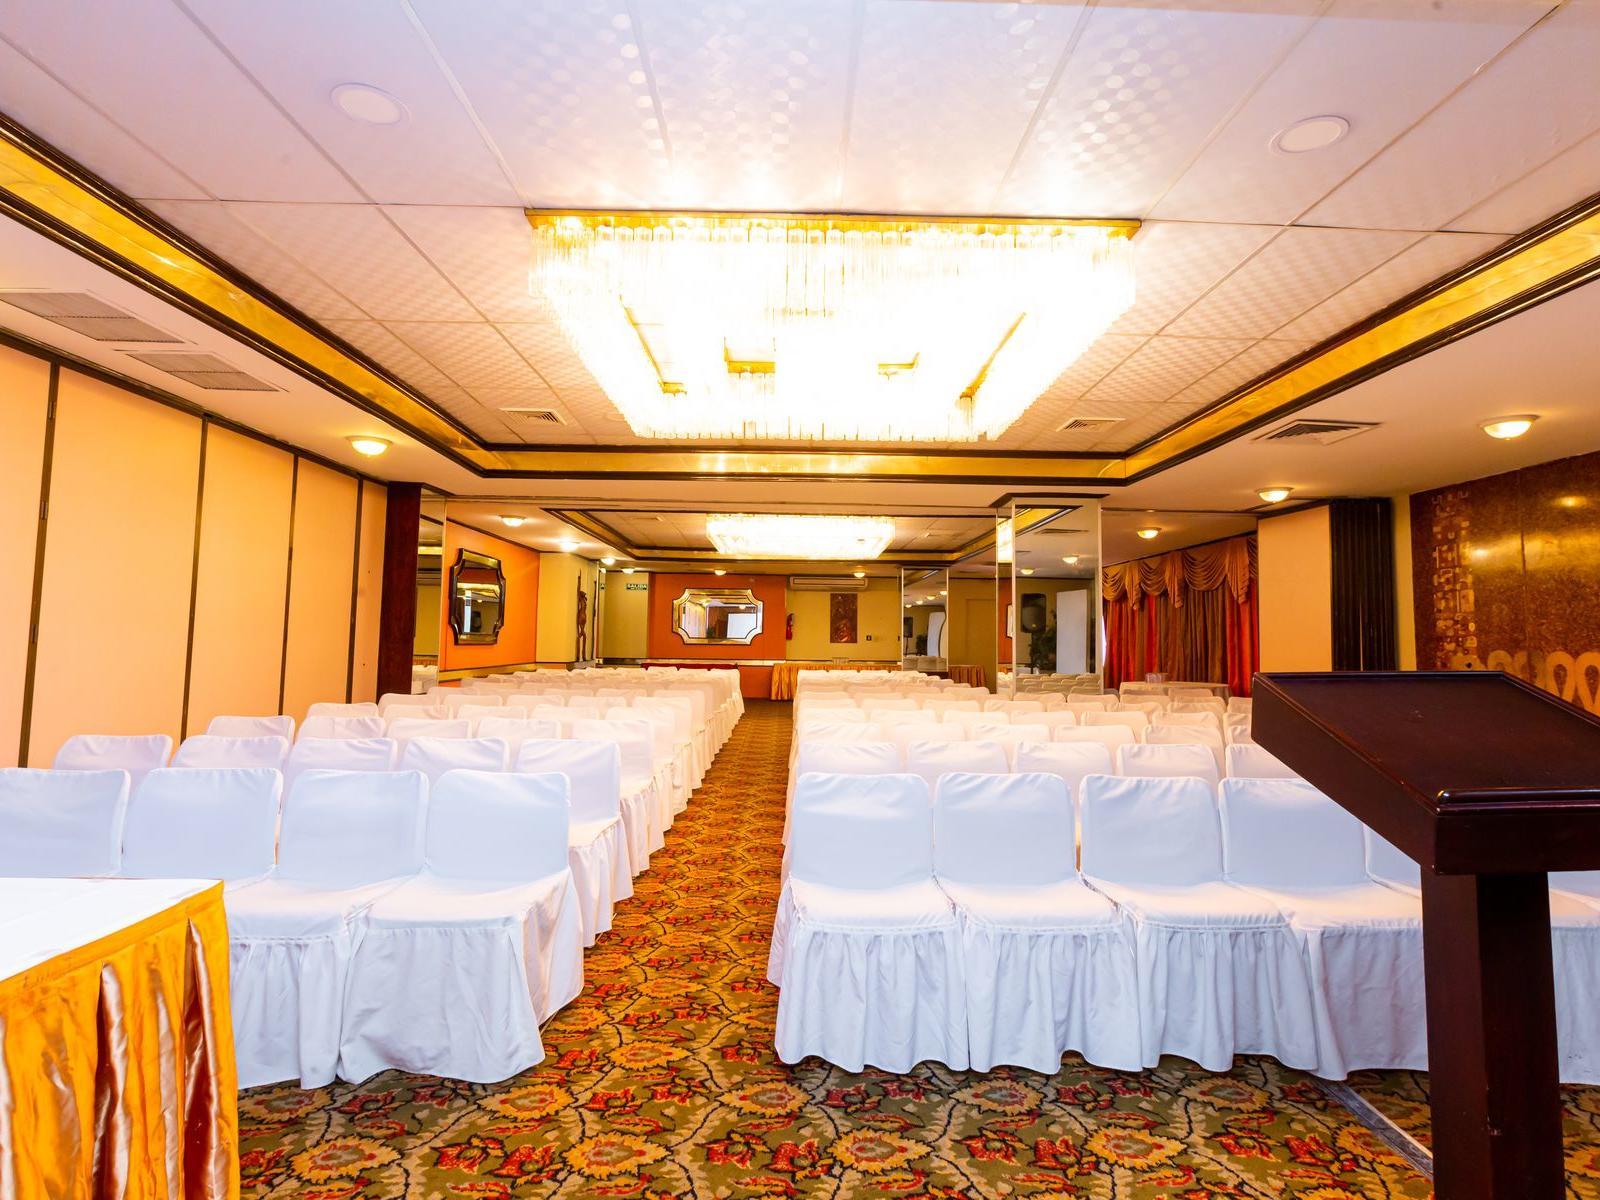 Qijote Meeting Room